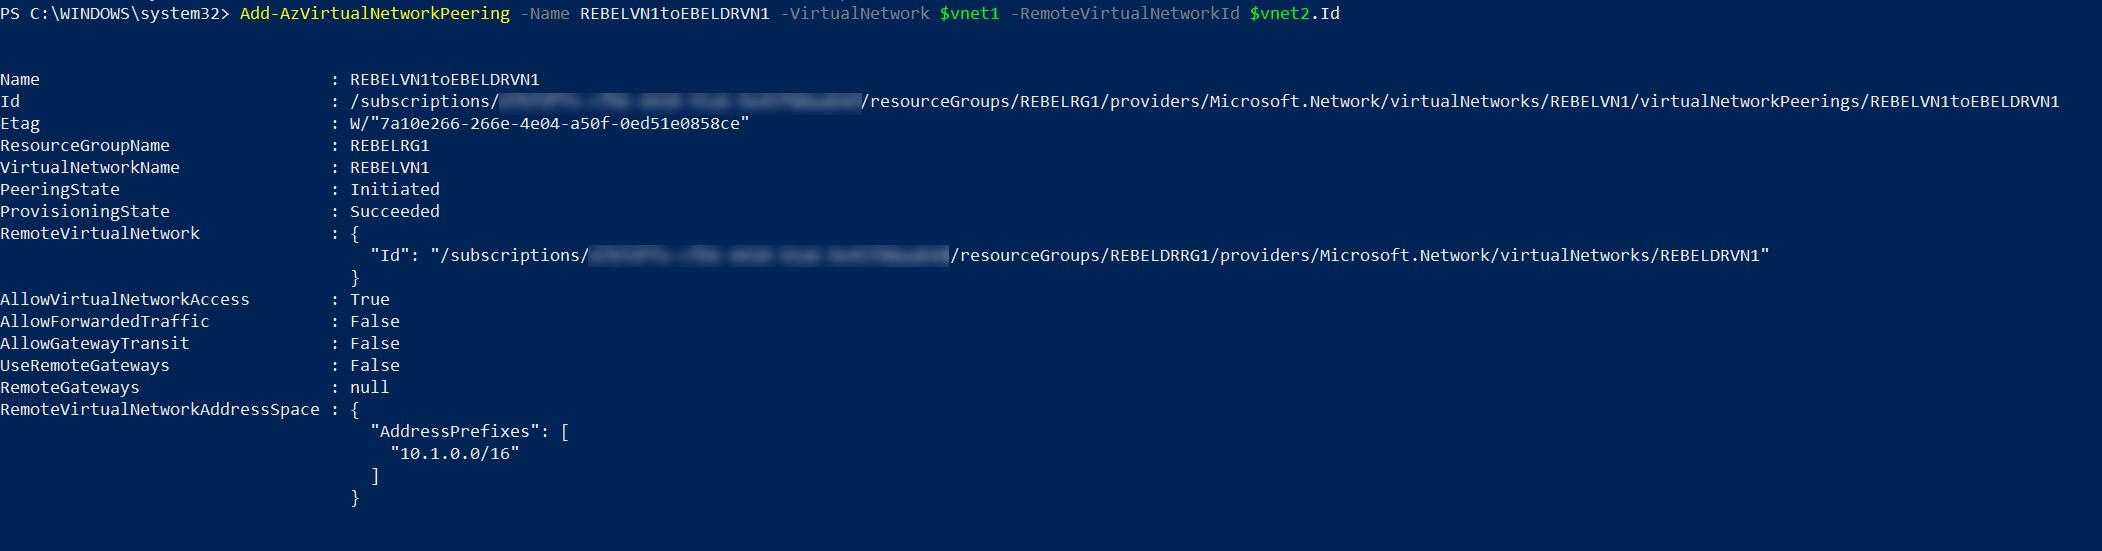 setup global vnet peering from REBELVN1 to REBELDRVN1